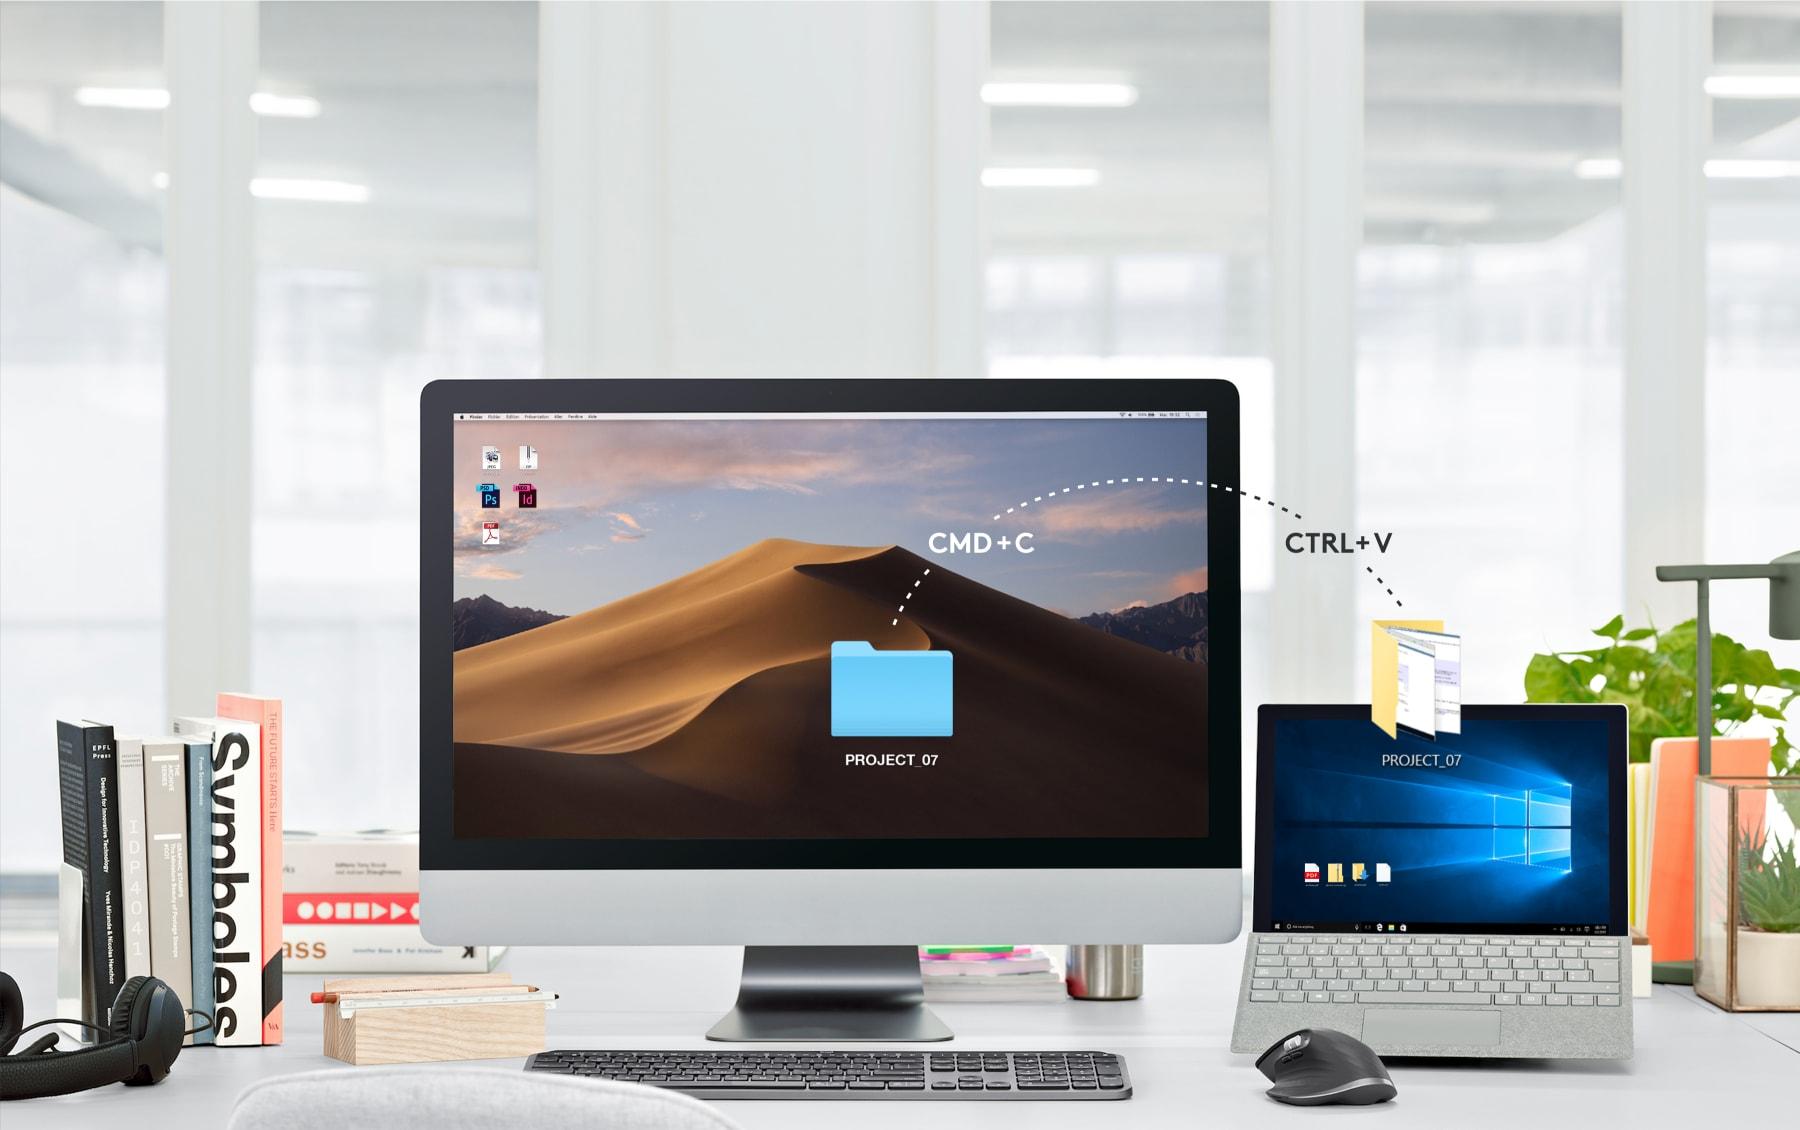 Chuột không dây Logitech MX Master 3 (USB/Bluetooth/Đen) có thể dễ dàng di chuyển tập tin qua máy tính khác